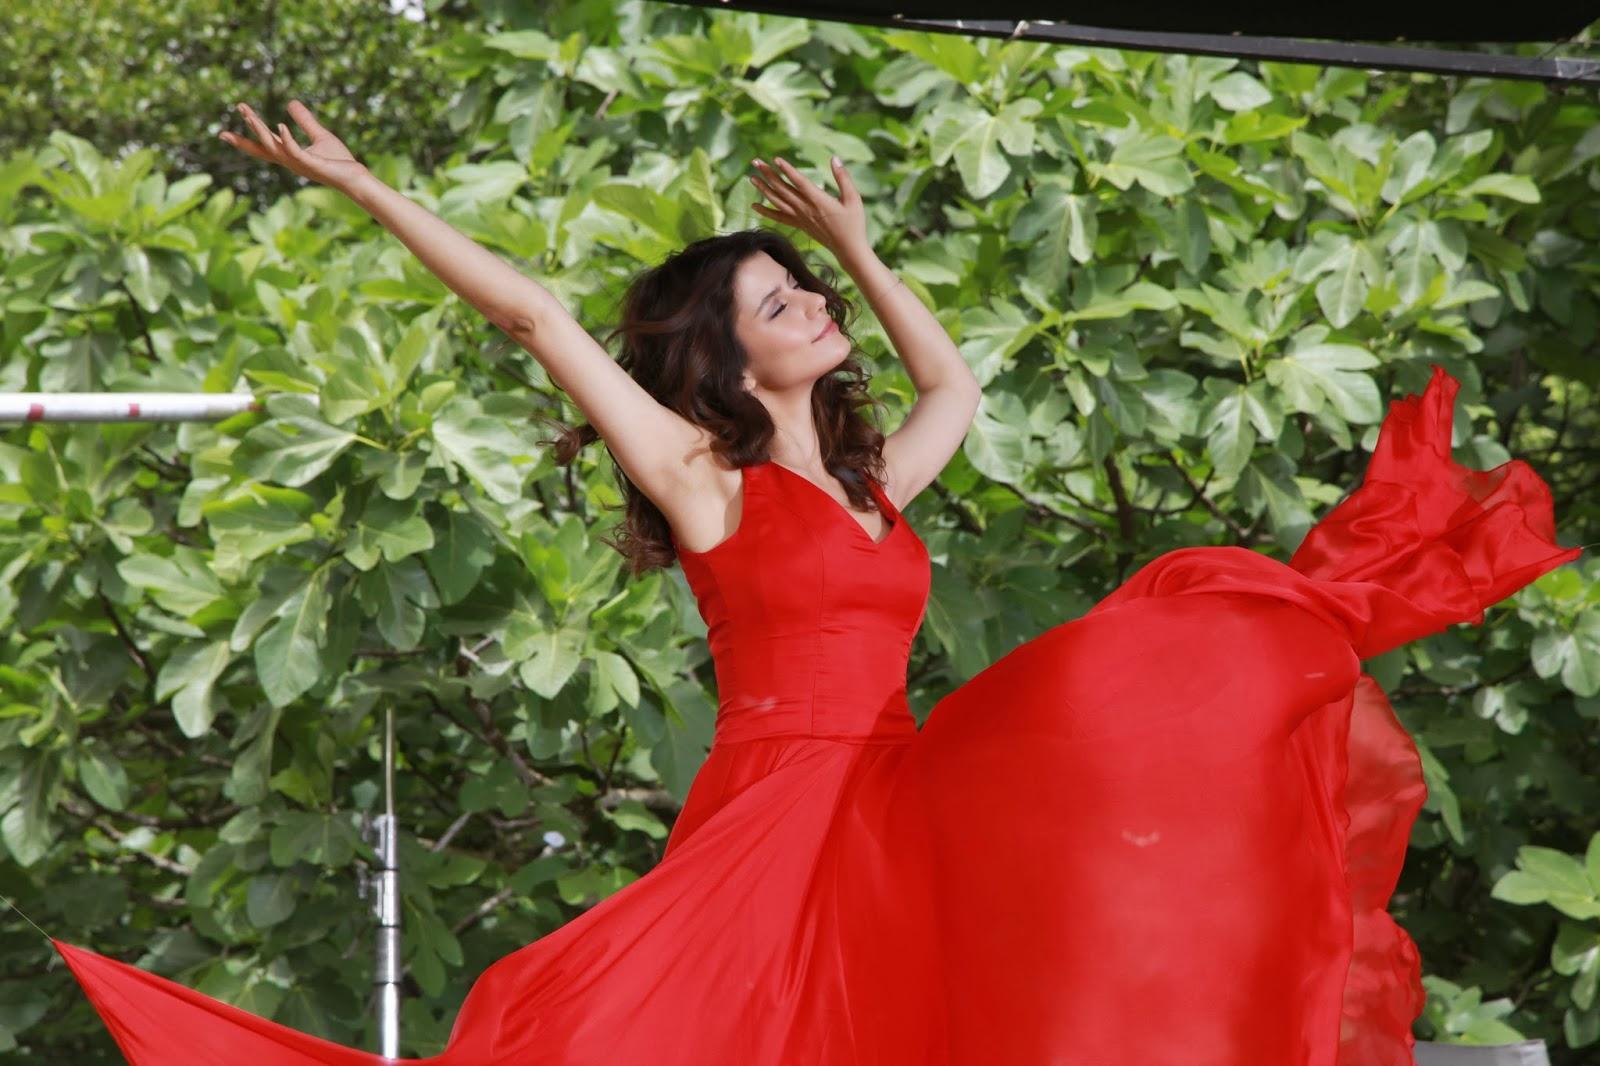 Güzellik Uzmanlarının Kulis Arkası 7 Güzellik Sırları